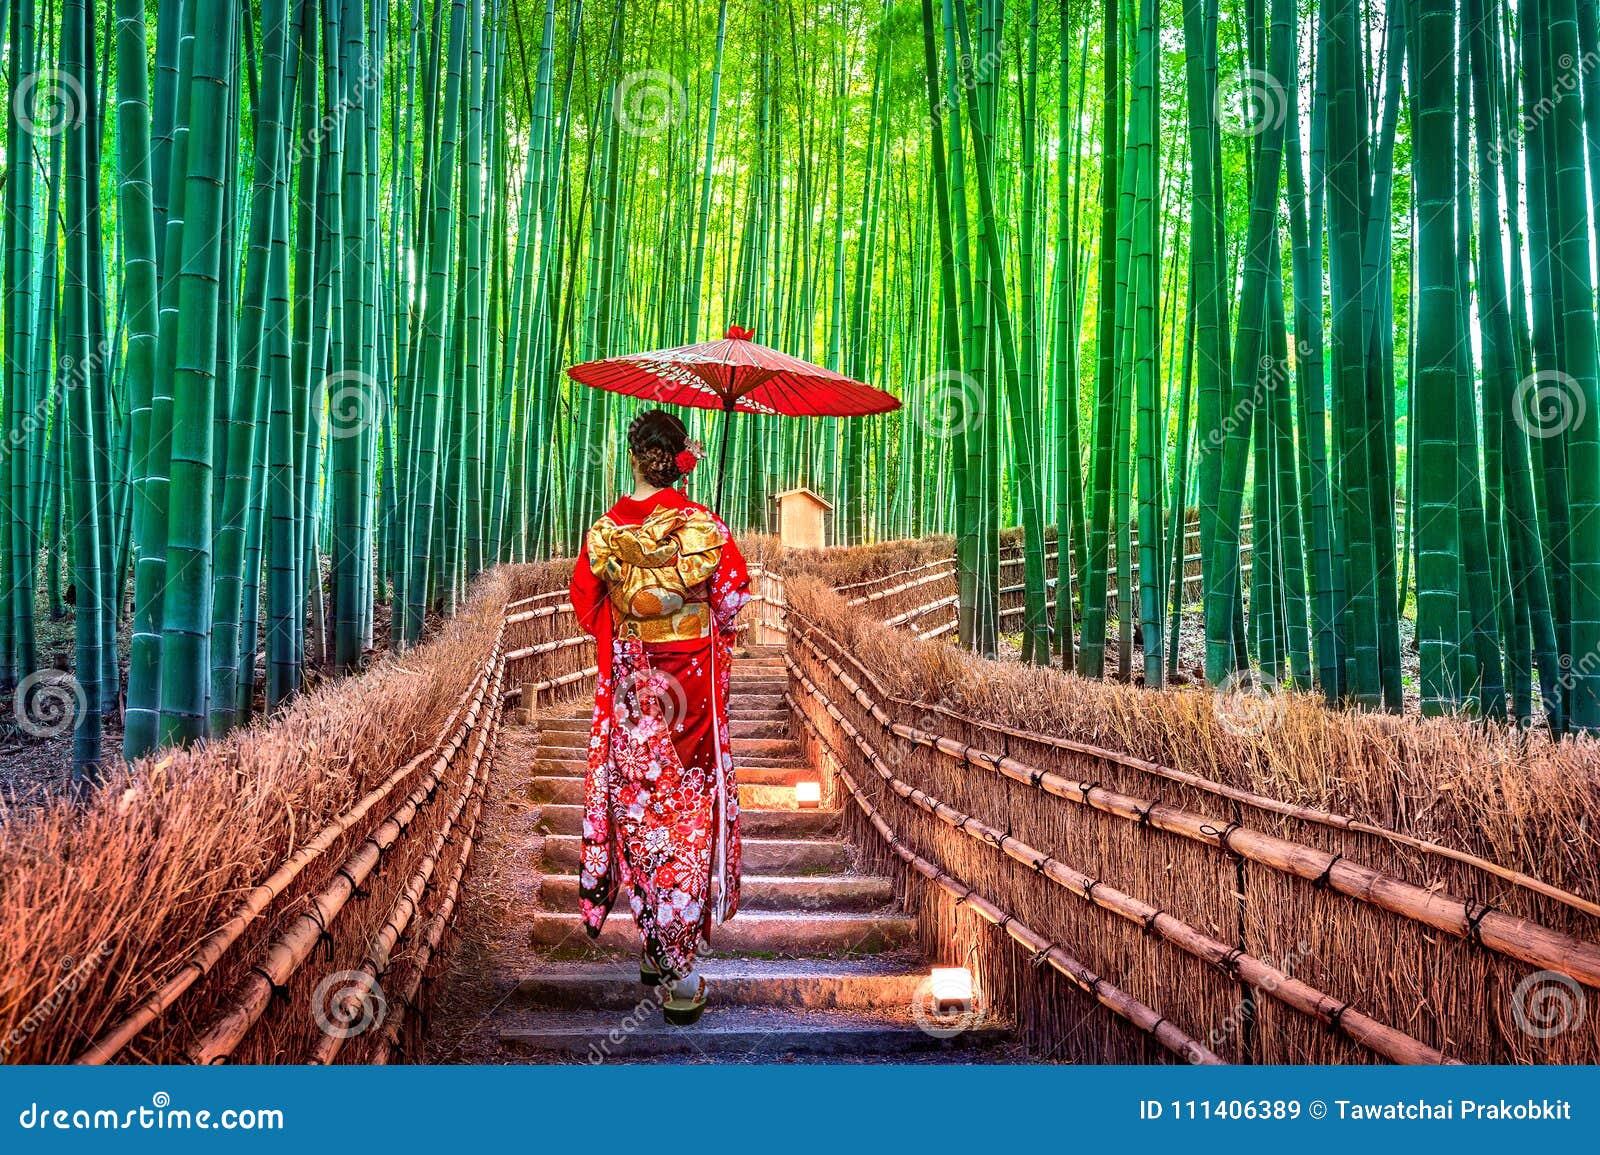 Δασική ασιατική γυναίκα μπαμπού που φορά το ιαπωνικό παραδοσιακό κιμονό στο δάσος μπαμπού στο Κιότο, Ιαπωνία